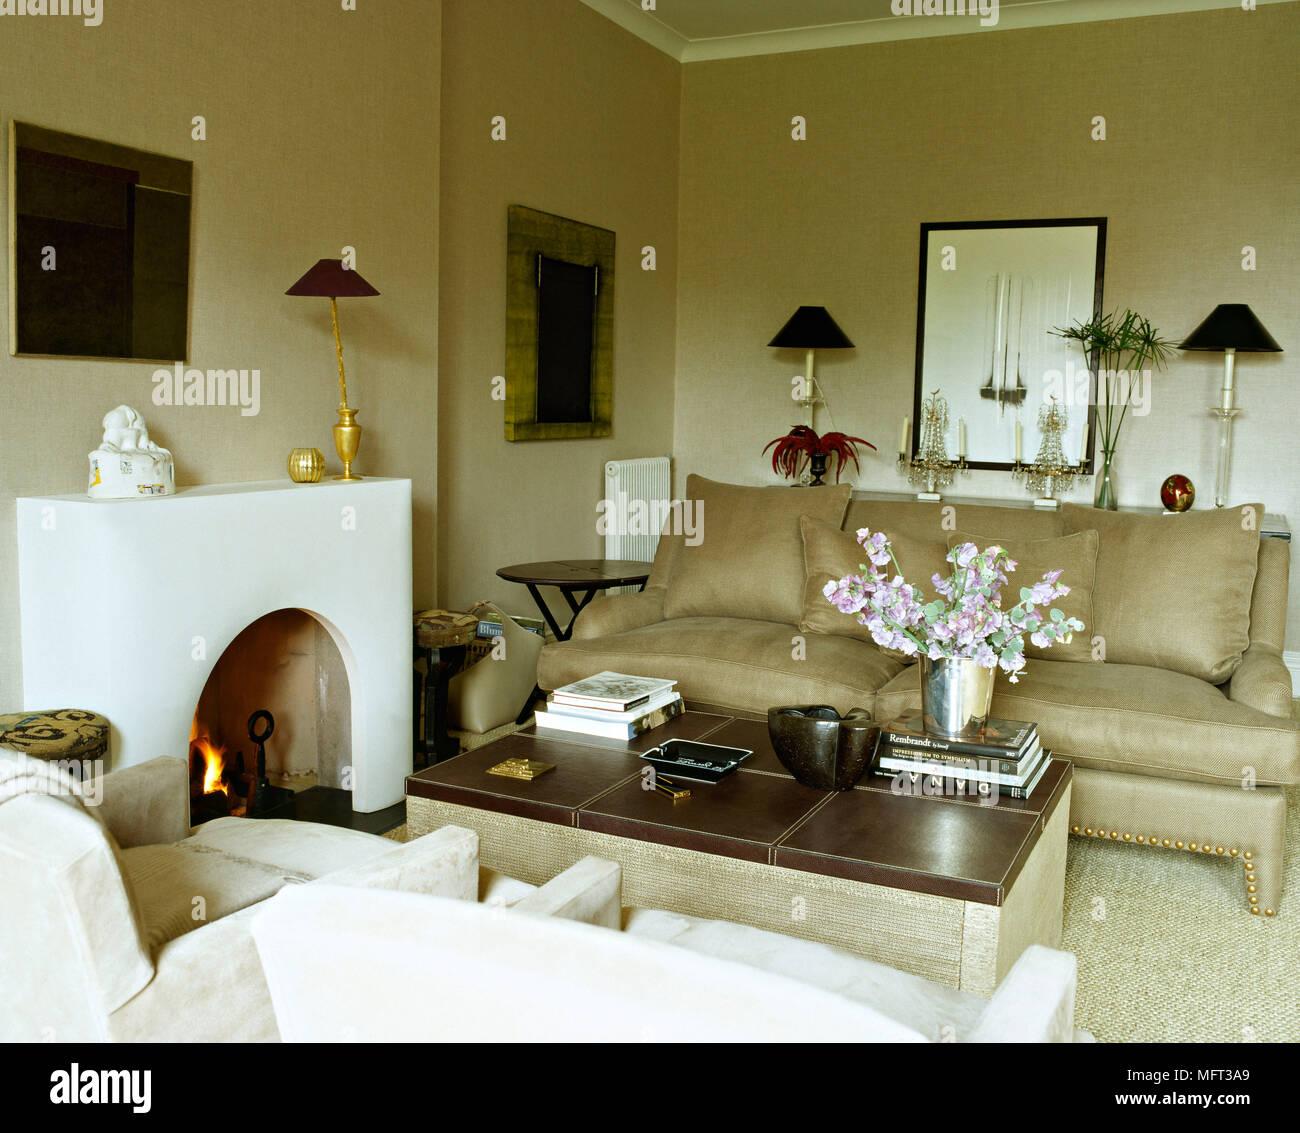 Neutro moderno salotto camino fuoco aperto divano poltrone imbottite tavolino interni camere - Tavolino divano moderno ...